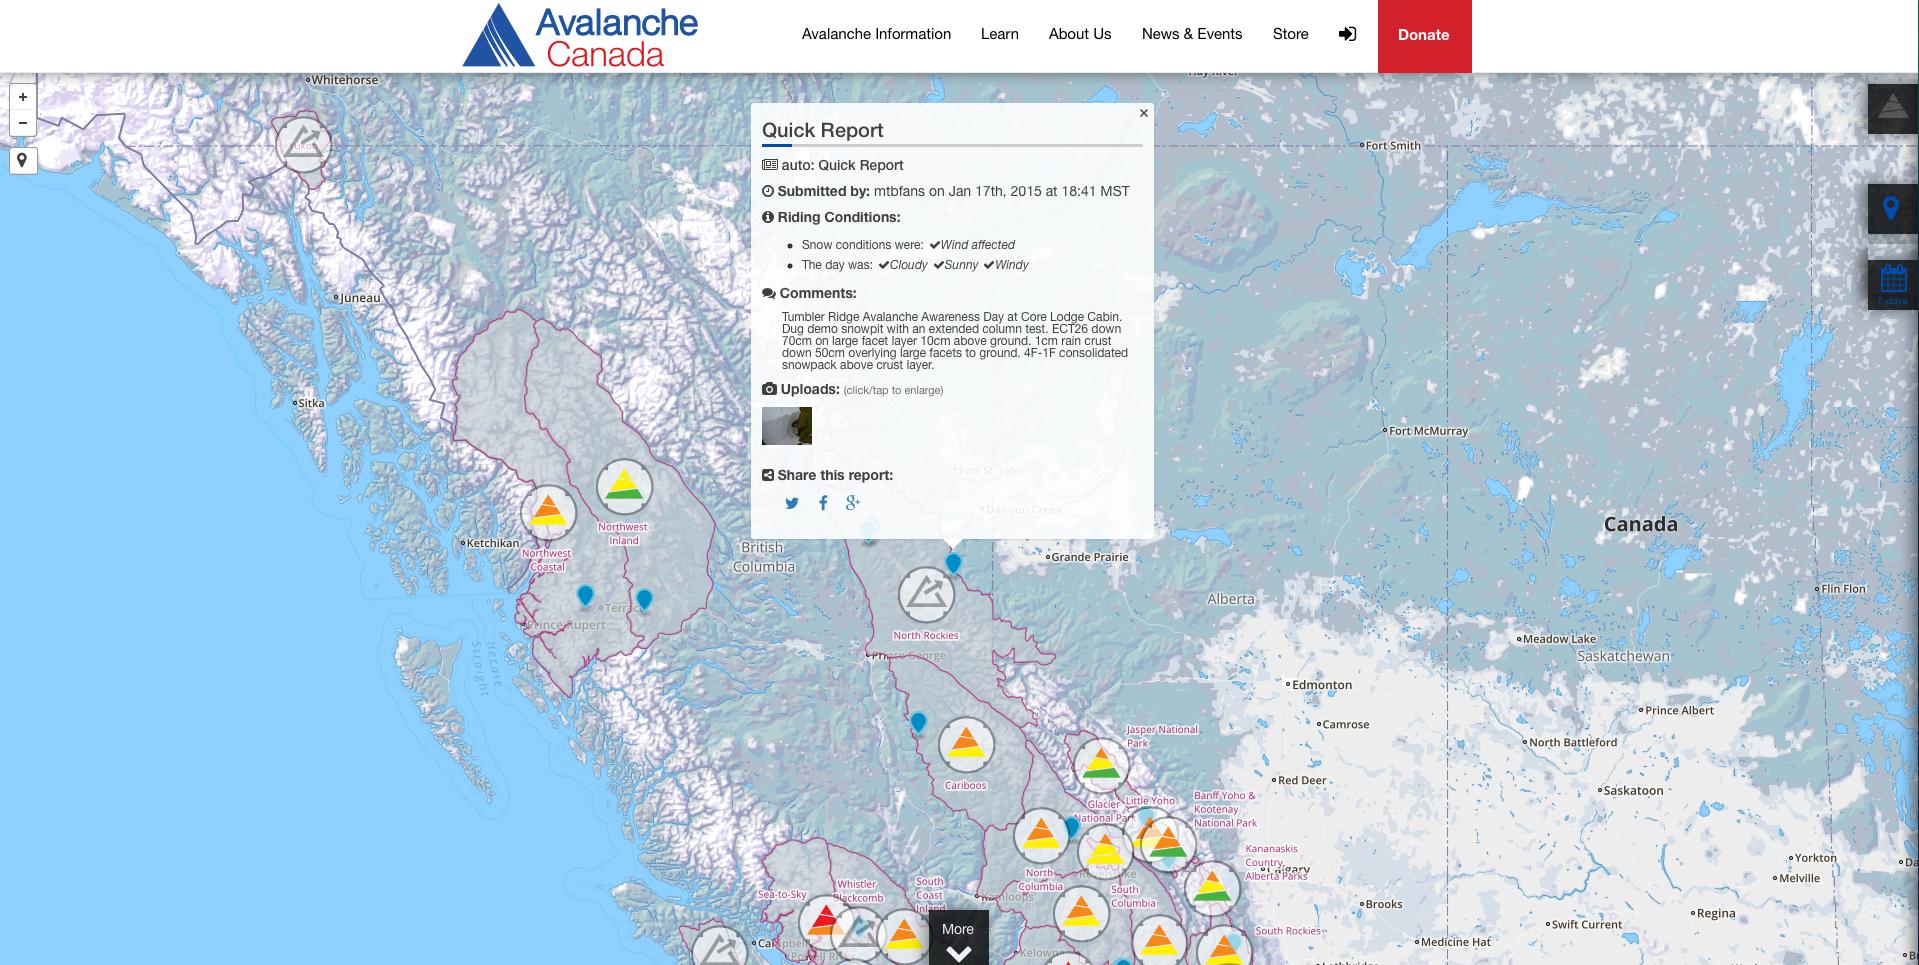 avalanche_Canada_1